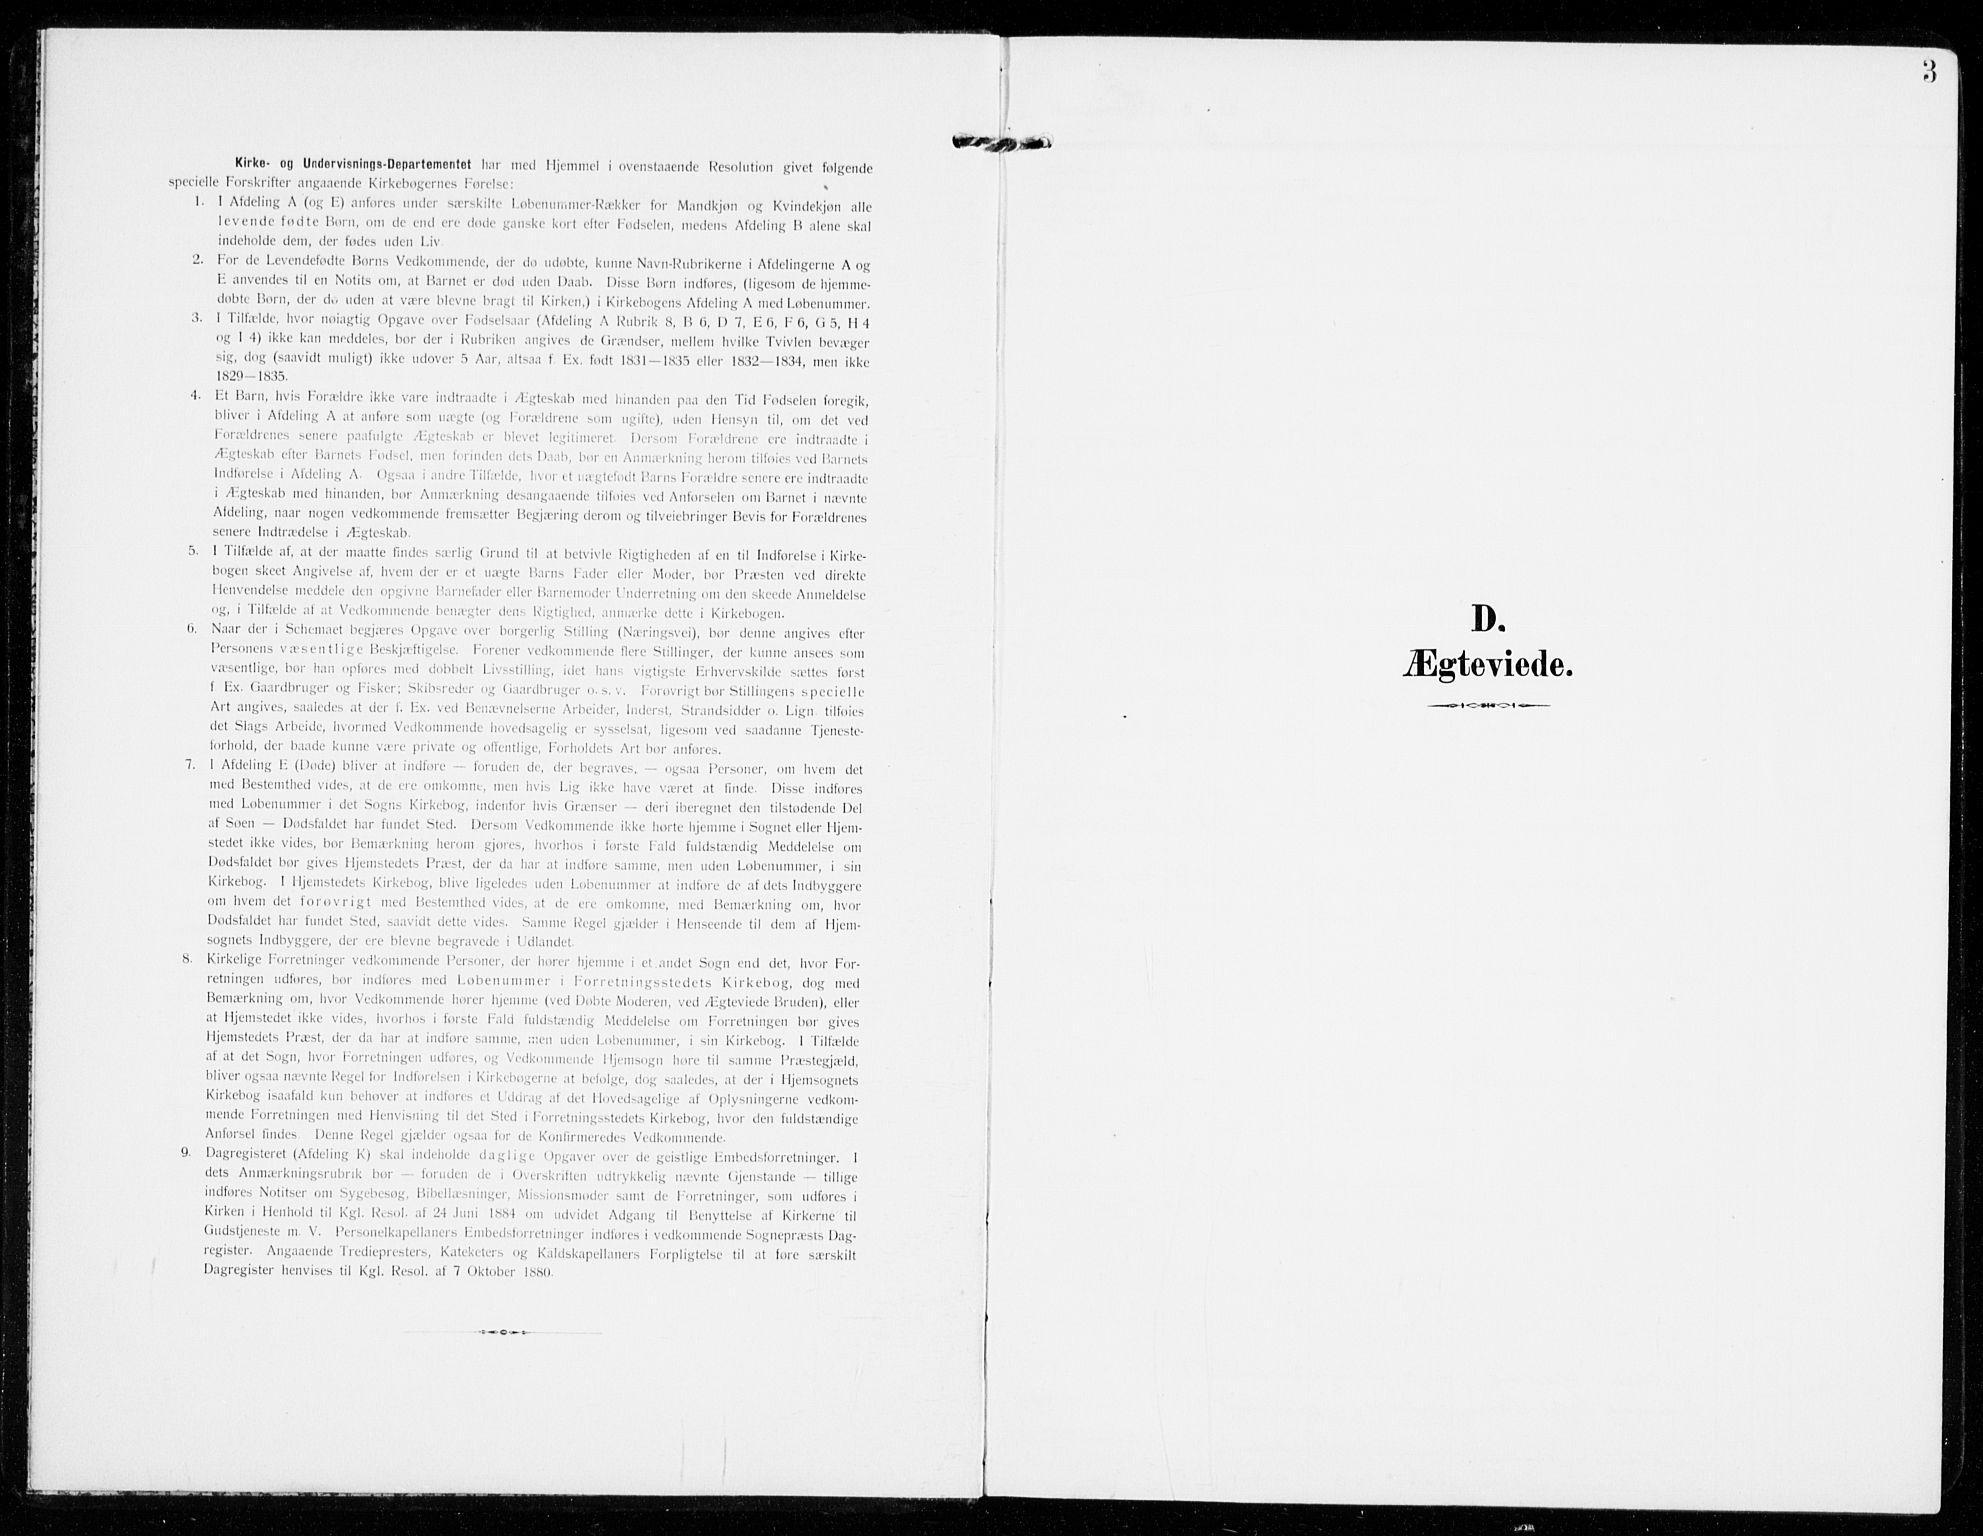 SAKO, Sandar kirkebøker, F/Fa/L0019: Ministerialbok nr. 19, 1908-1914, s. 3